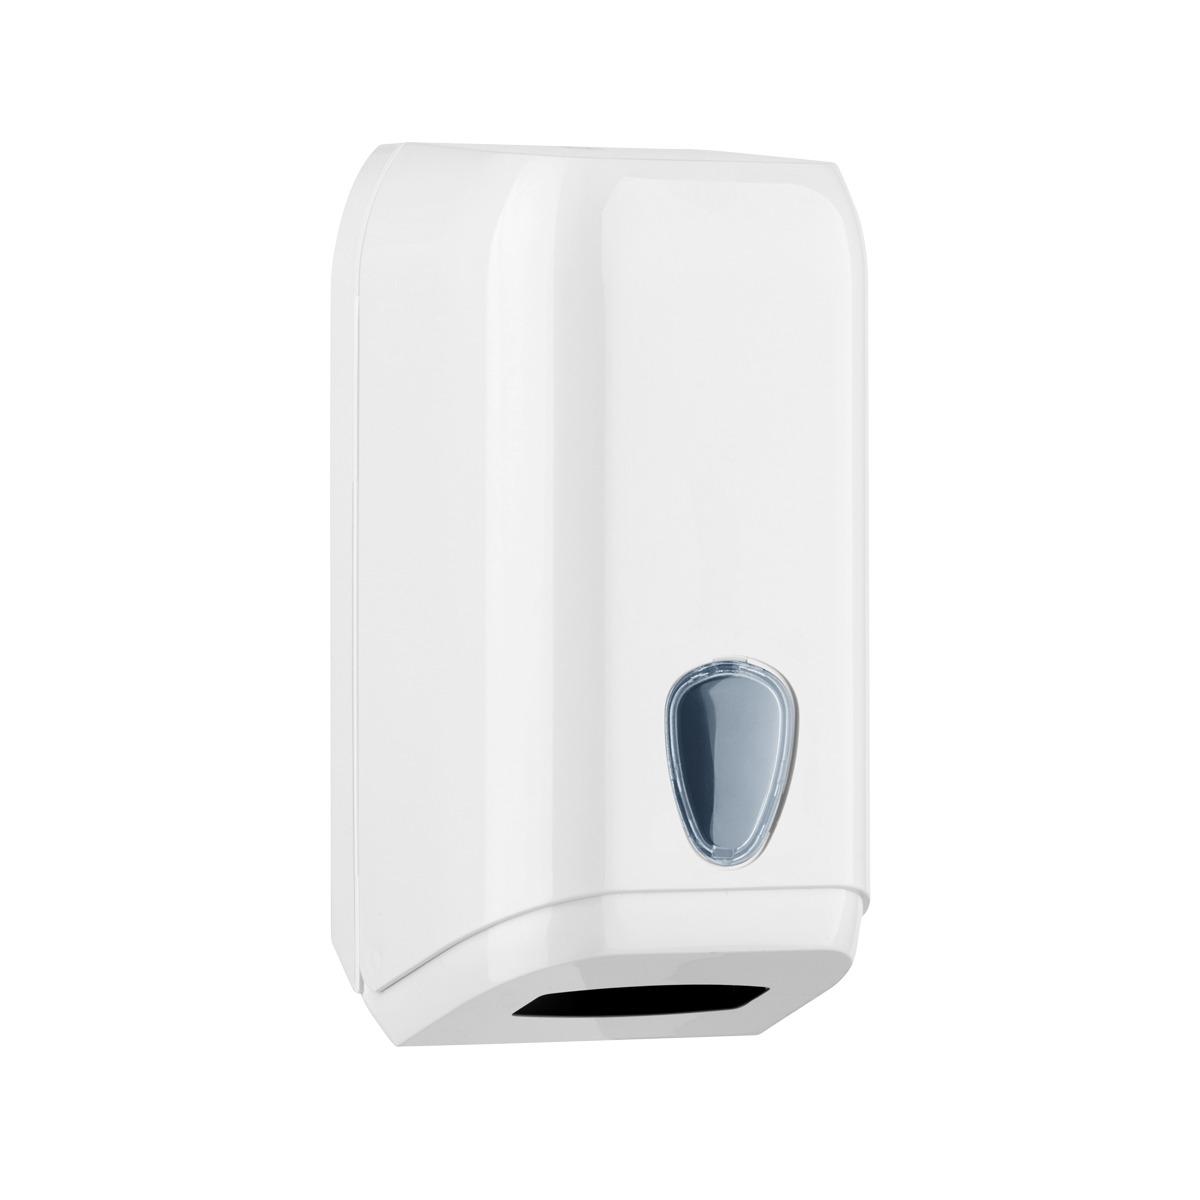 seidel_produkte_waschraumhygiene_toilettenpapierspender